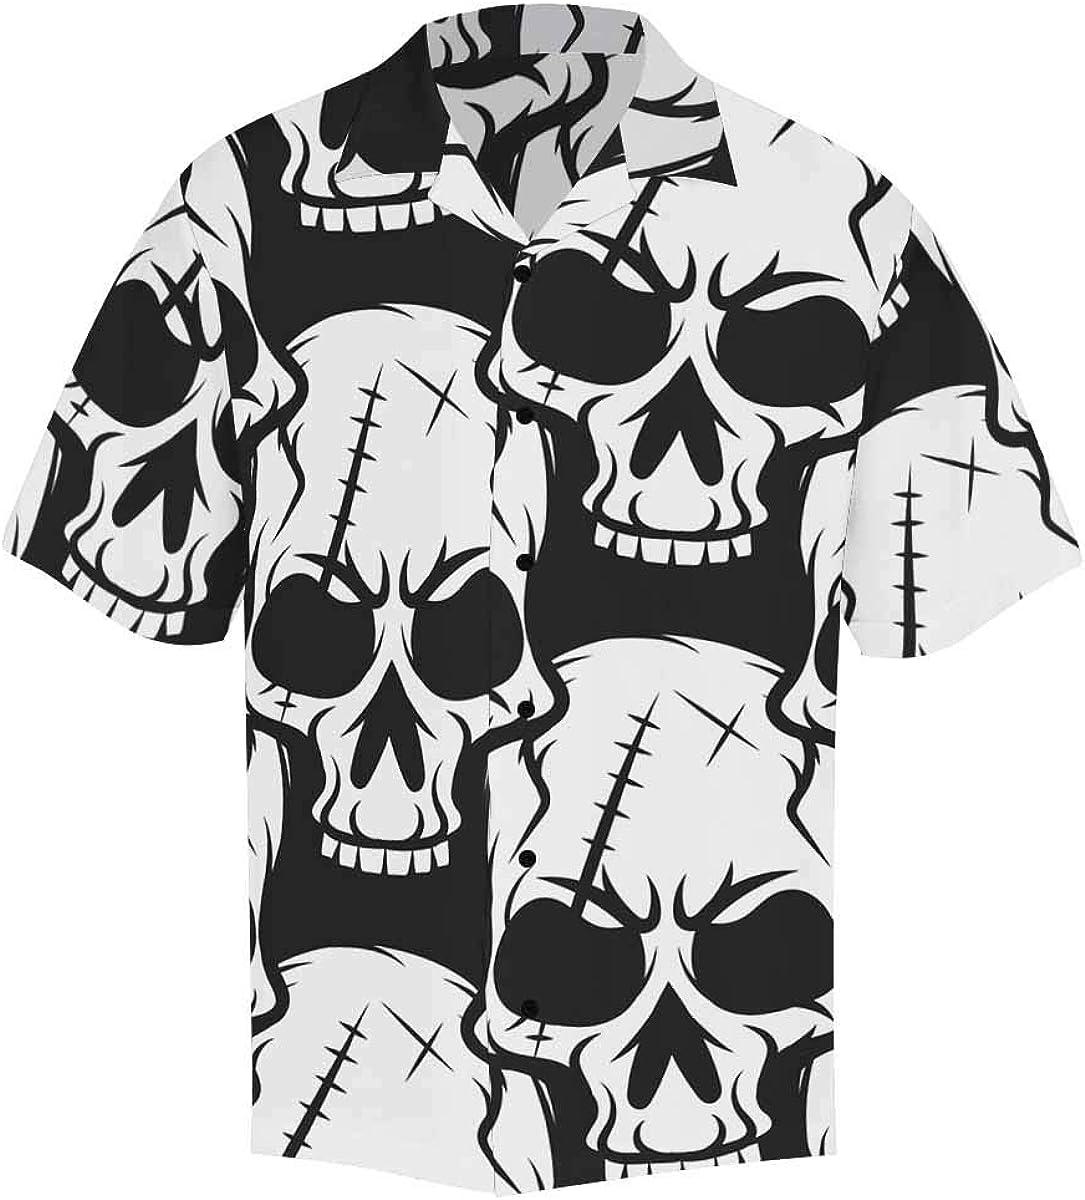 InterestPrint Men's Casual Button Down Short Sleeve Fruit Pineapple Hawaiian Shirt (S-5XL)